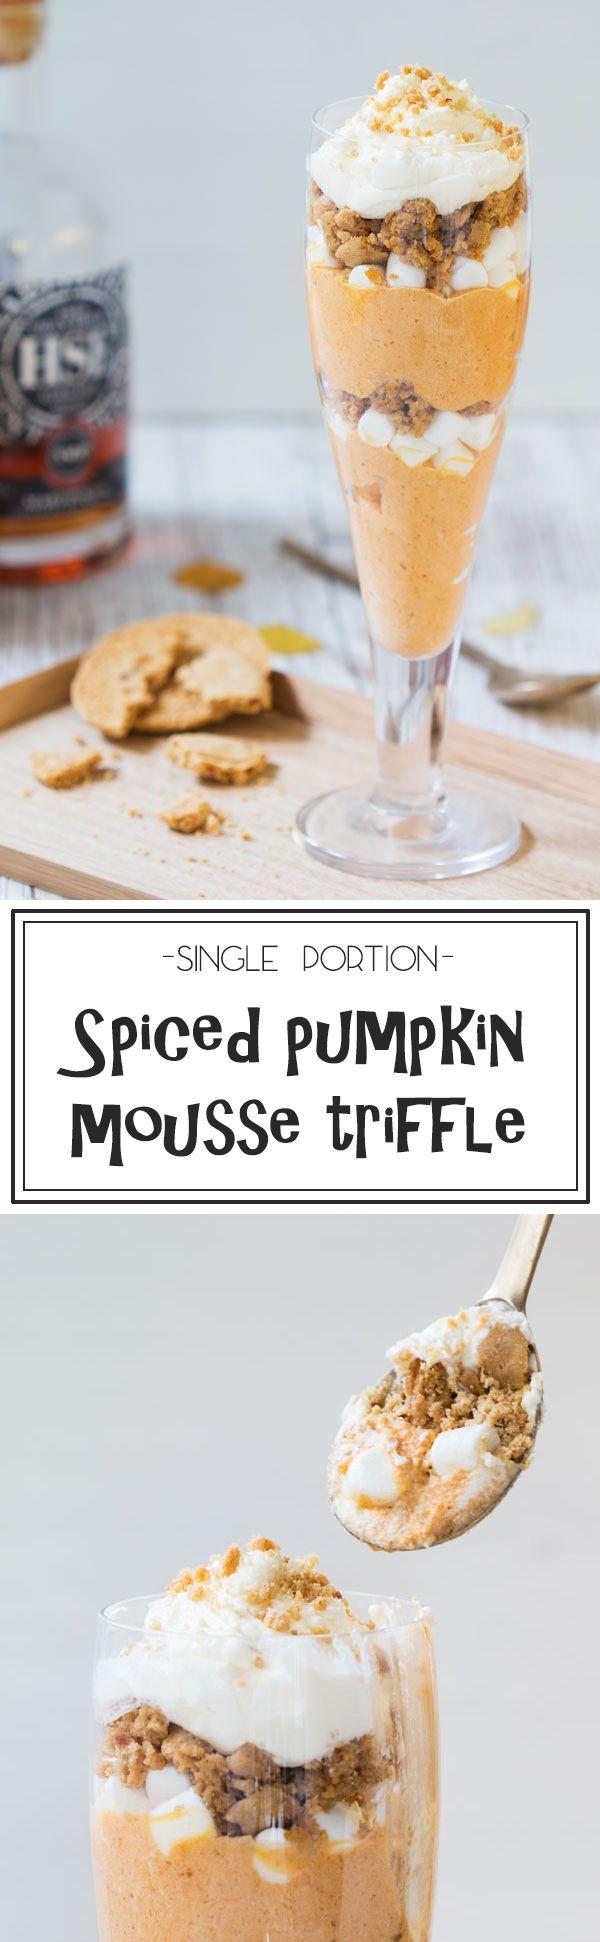 Spiced pumpkin mousse triffle